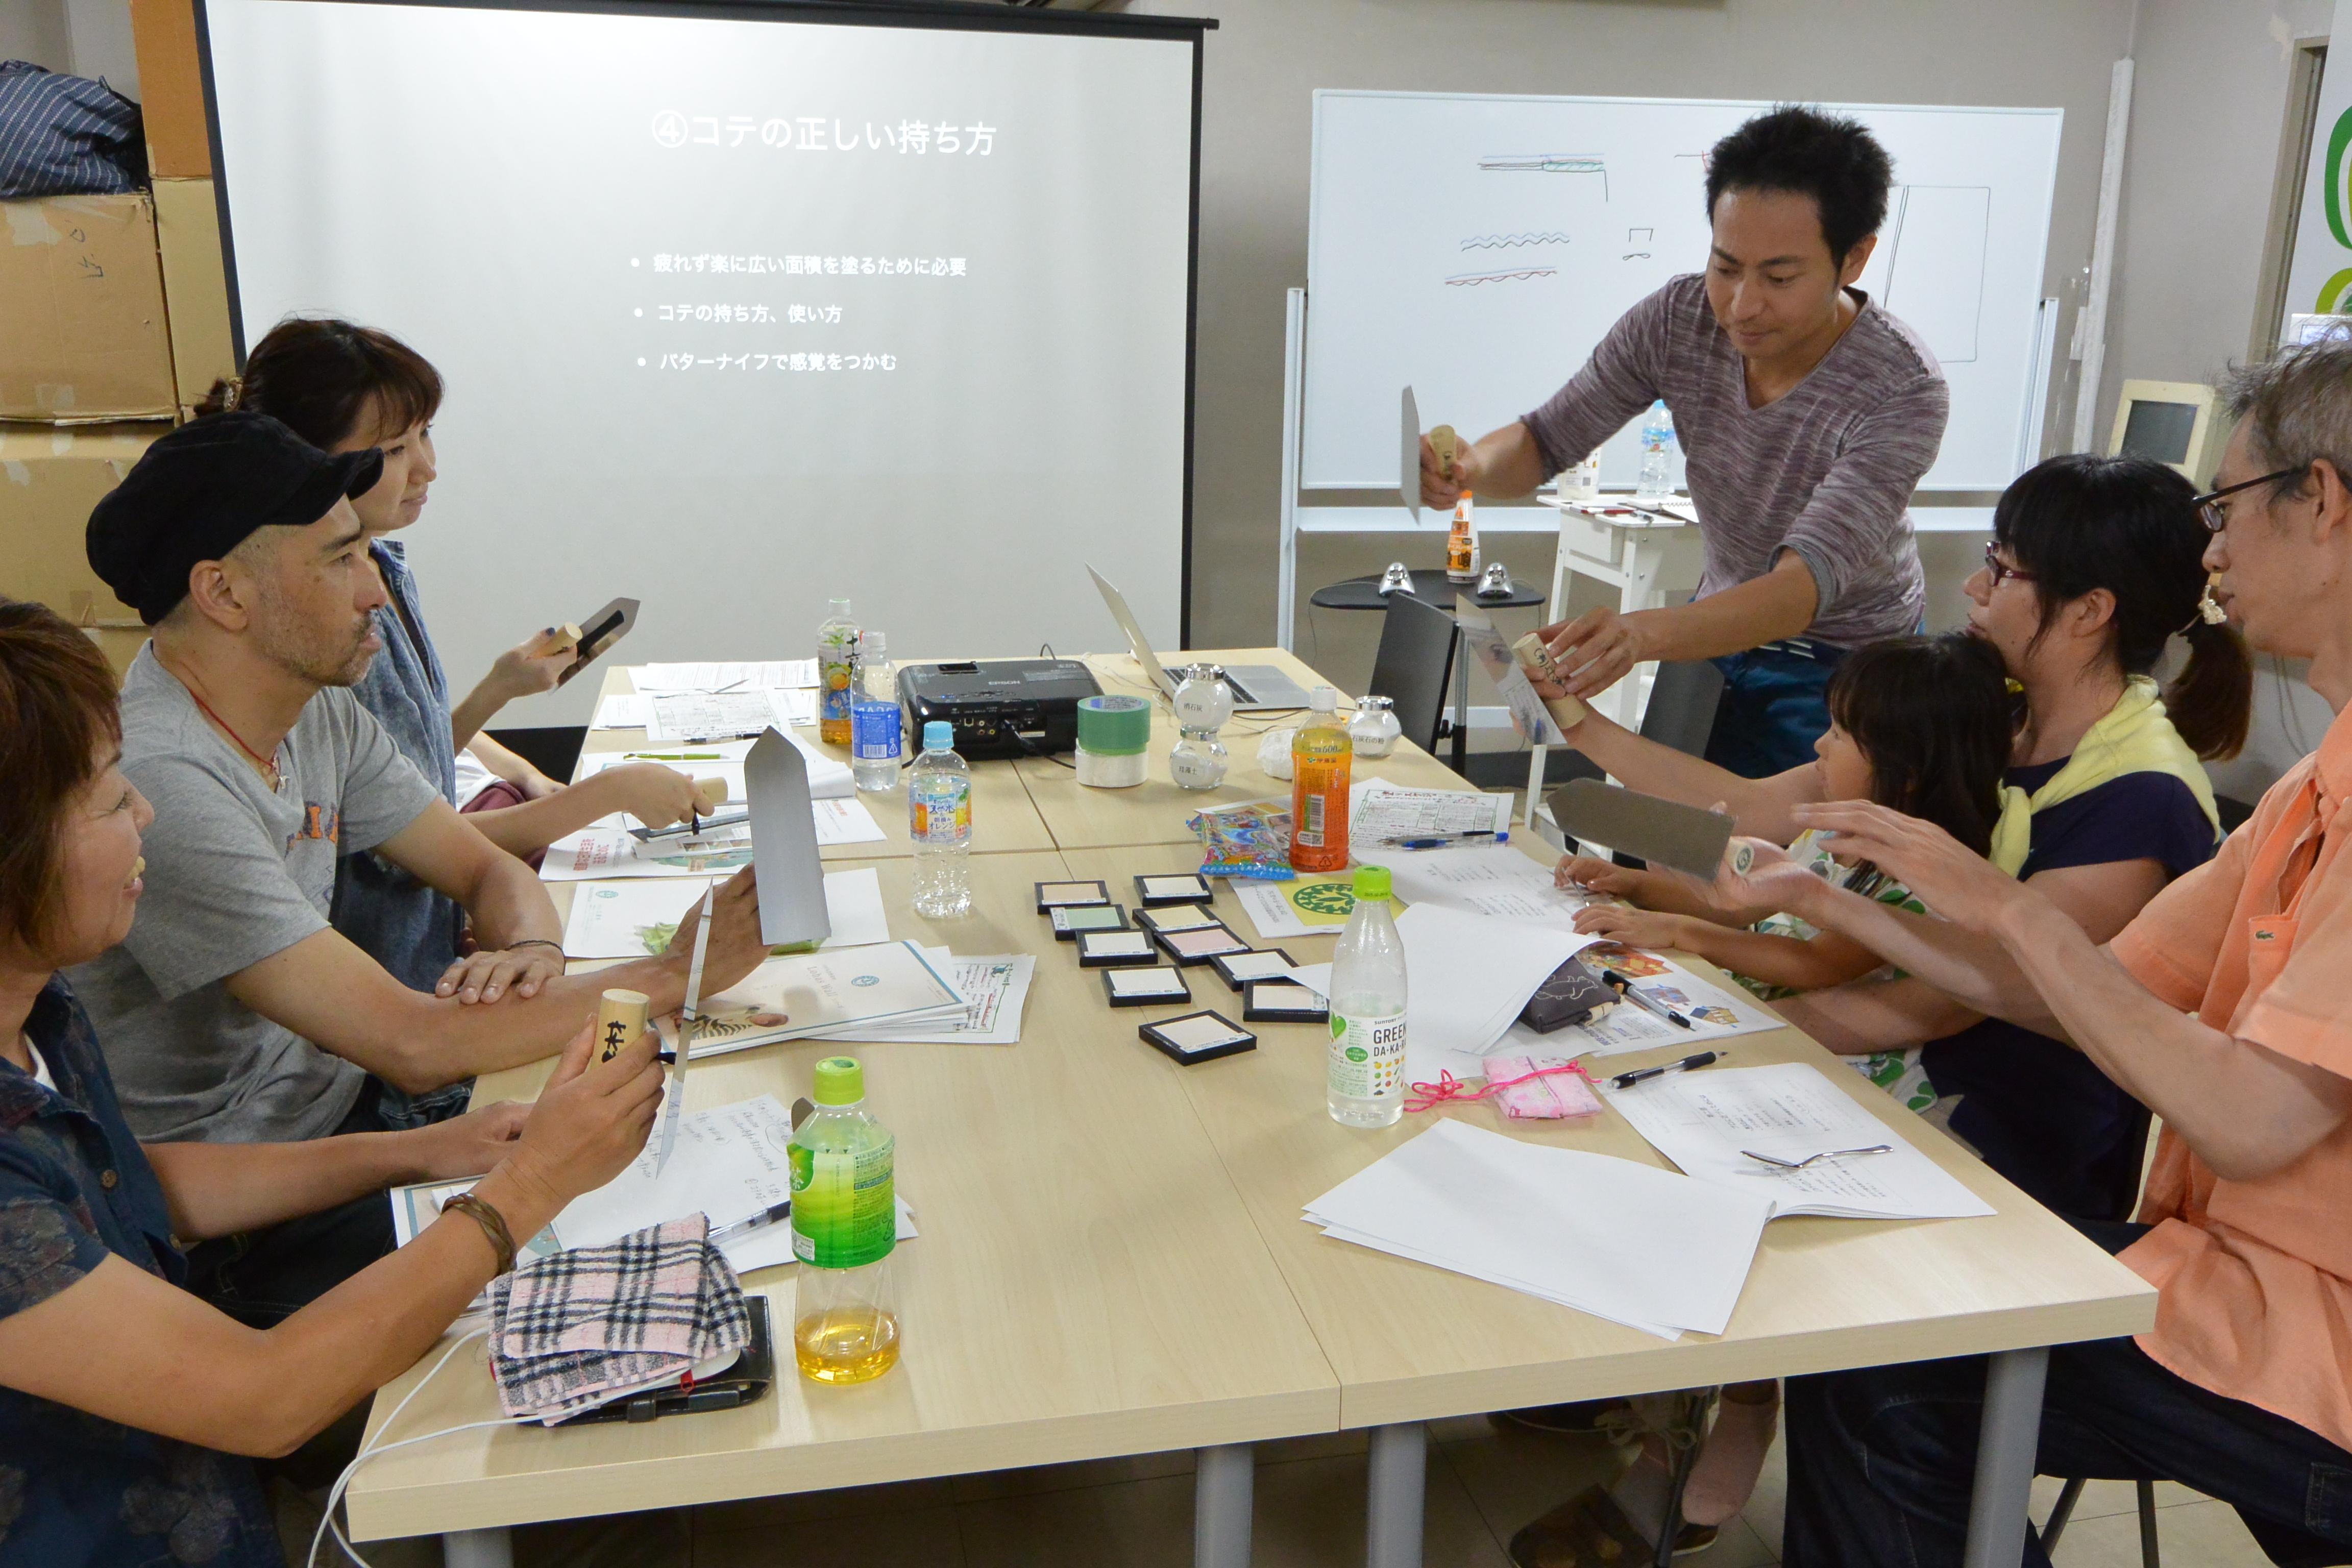 大阪で漆喰と珪藻土のDIY体験講習を毎月開催中!